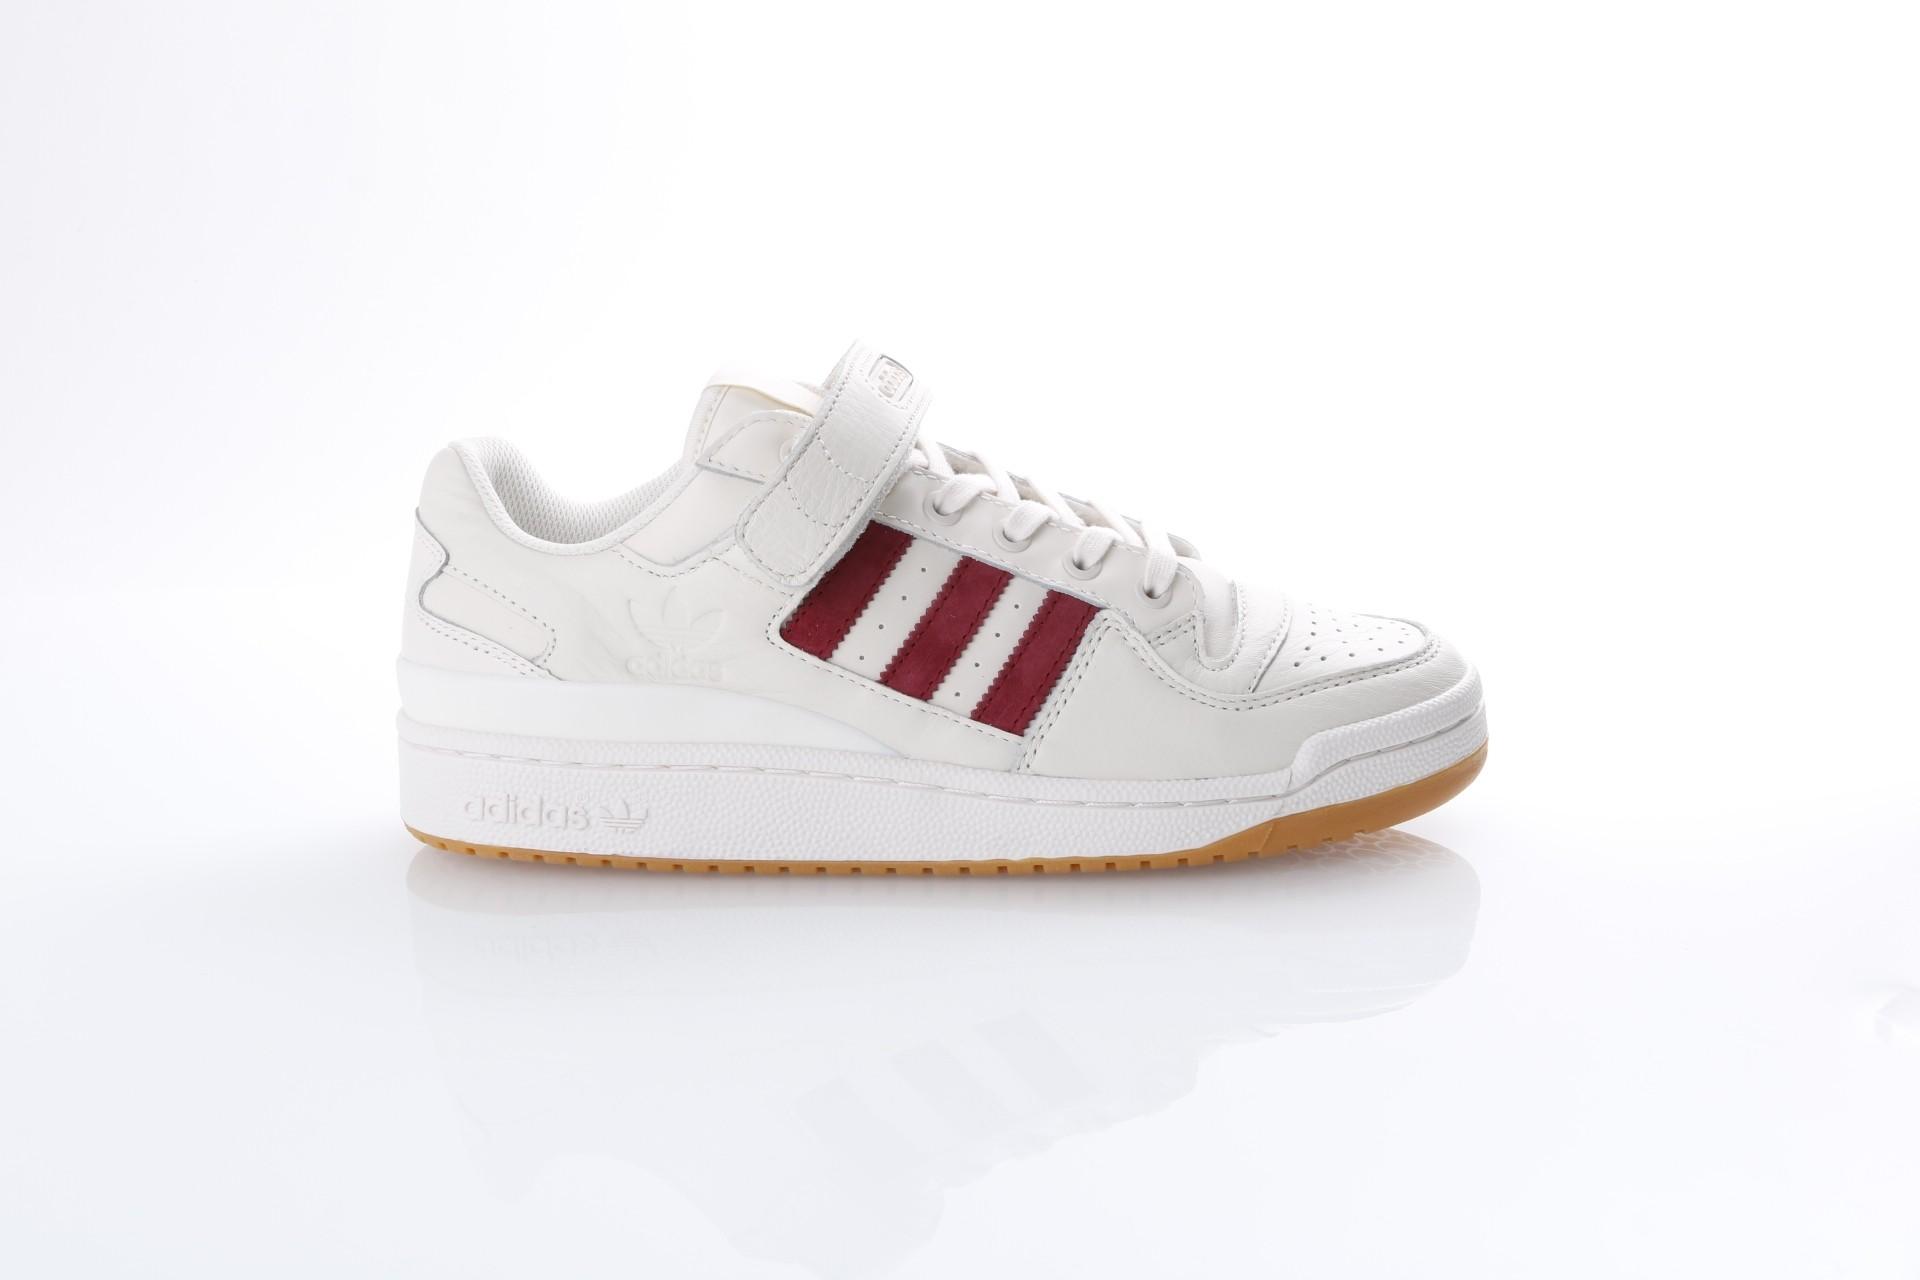 buy online 8505c 10cb3 Afbeelding van Adidas Originals CQ0997 Sneakers Forum low Wit